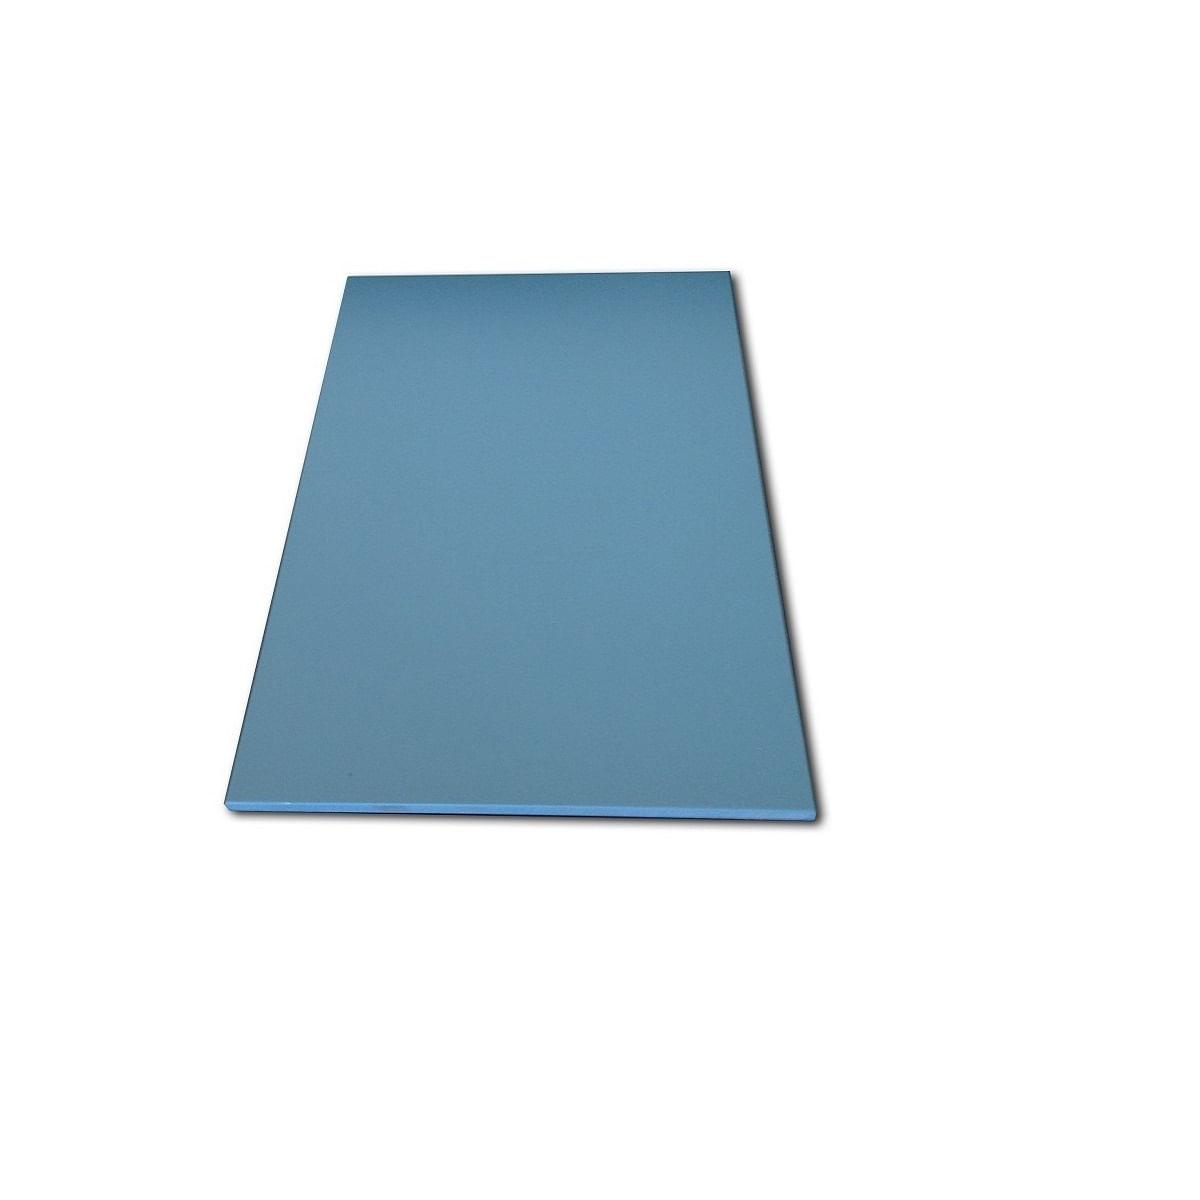 Conjunto de 5 (cinco) tabuas LISAS polietileno - coloridas - Medias